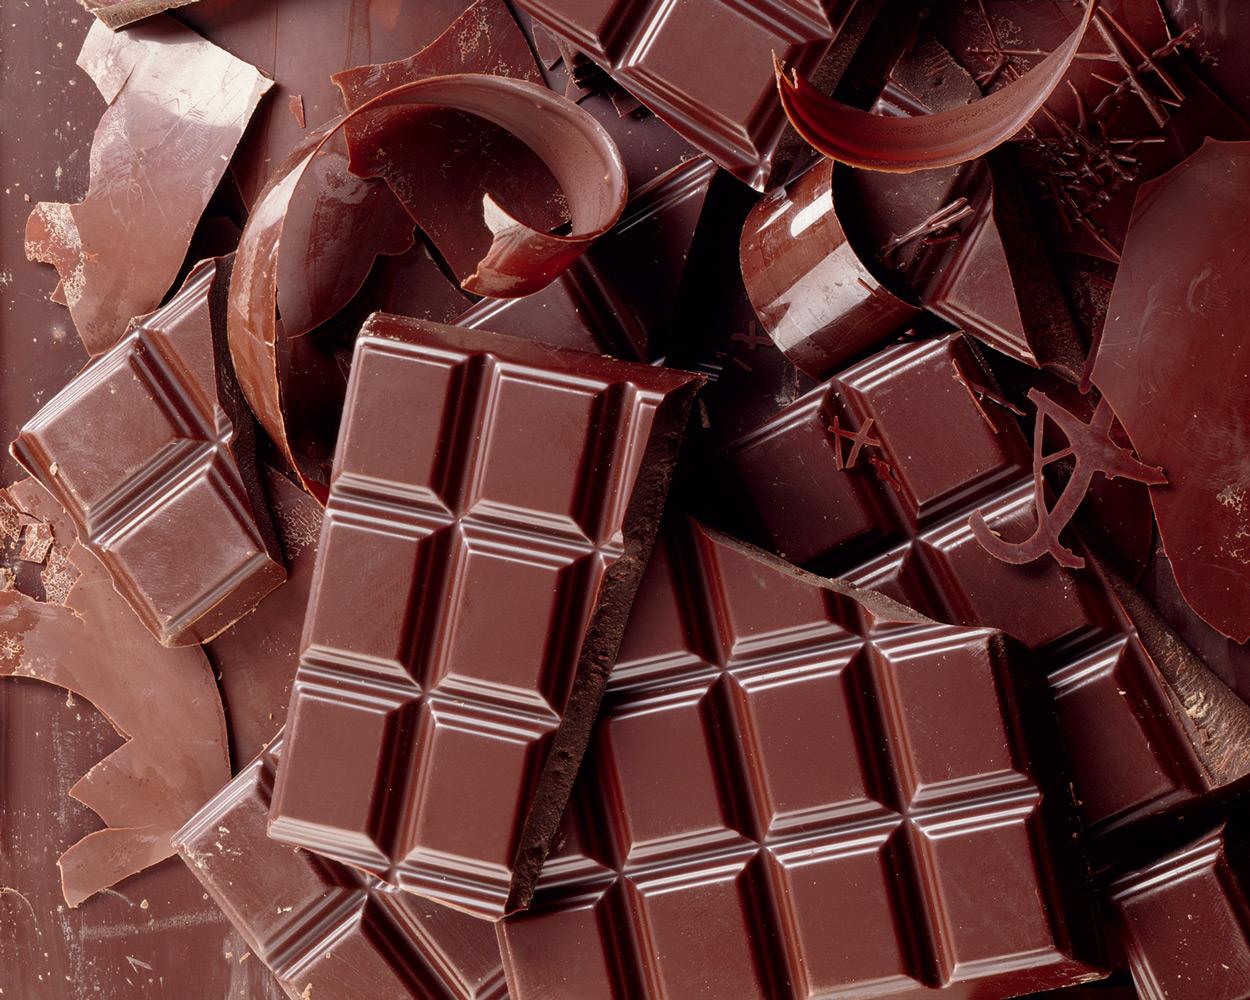 10 самых вкусных плиток молочного шоколада